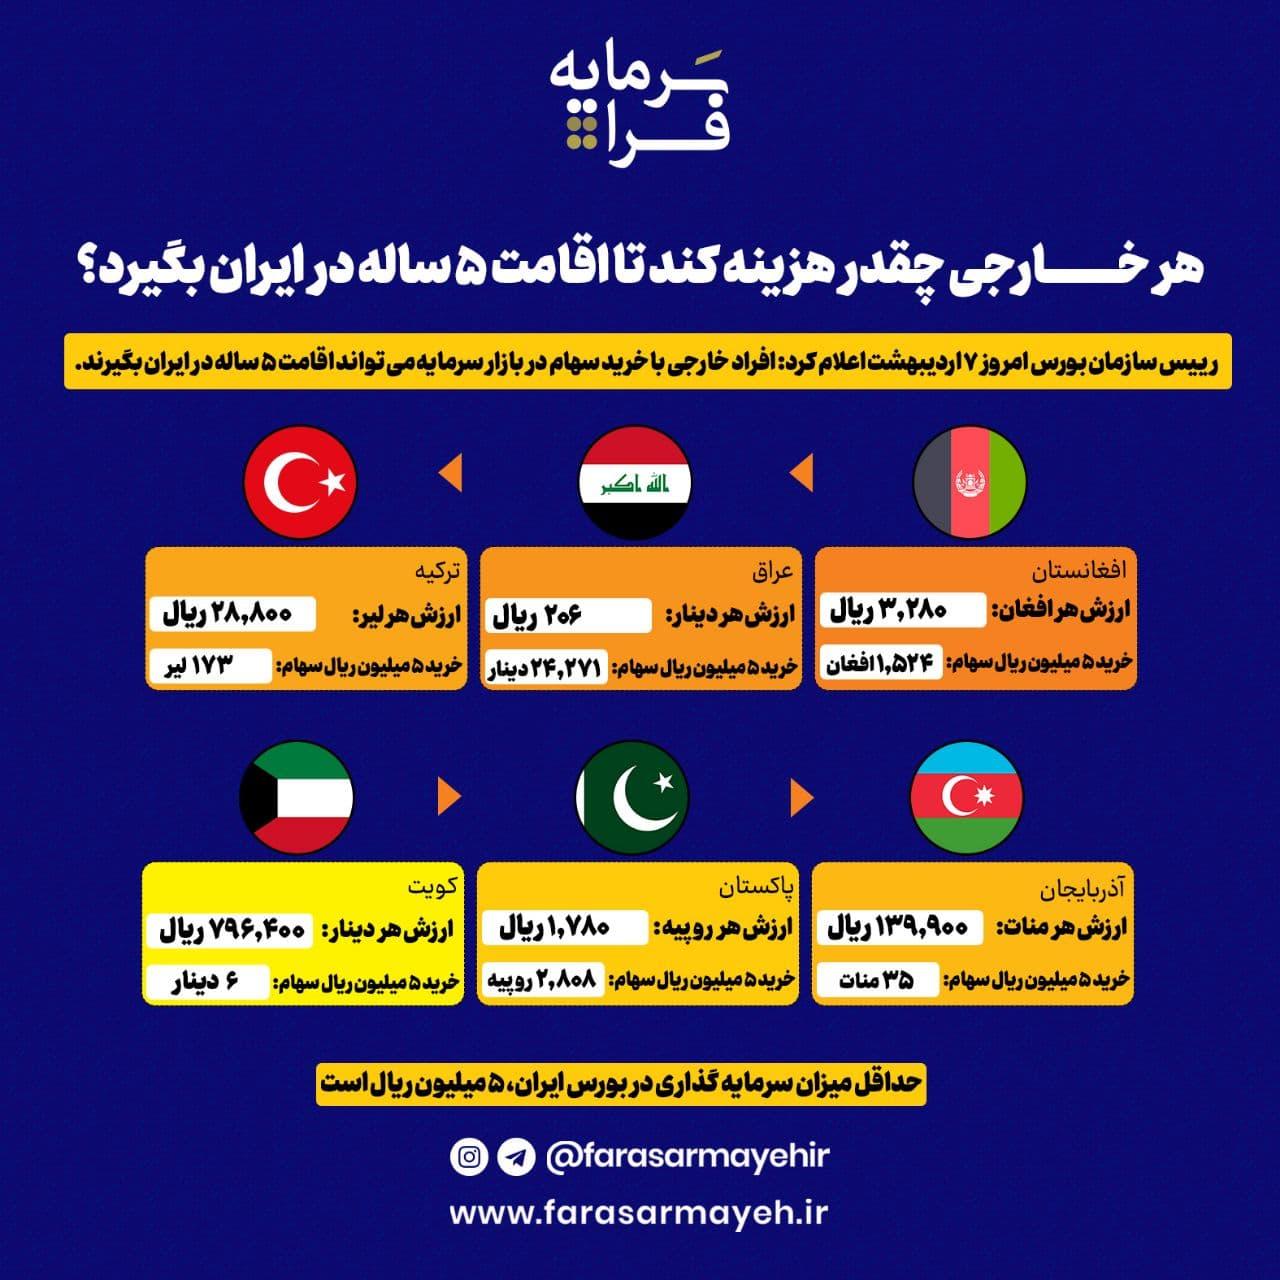 هر خارجی چقدر باید هزینه کند تا اقامت ۵ ساله در ایران بگیرد؟